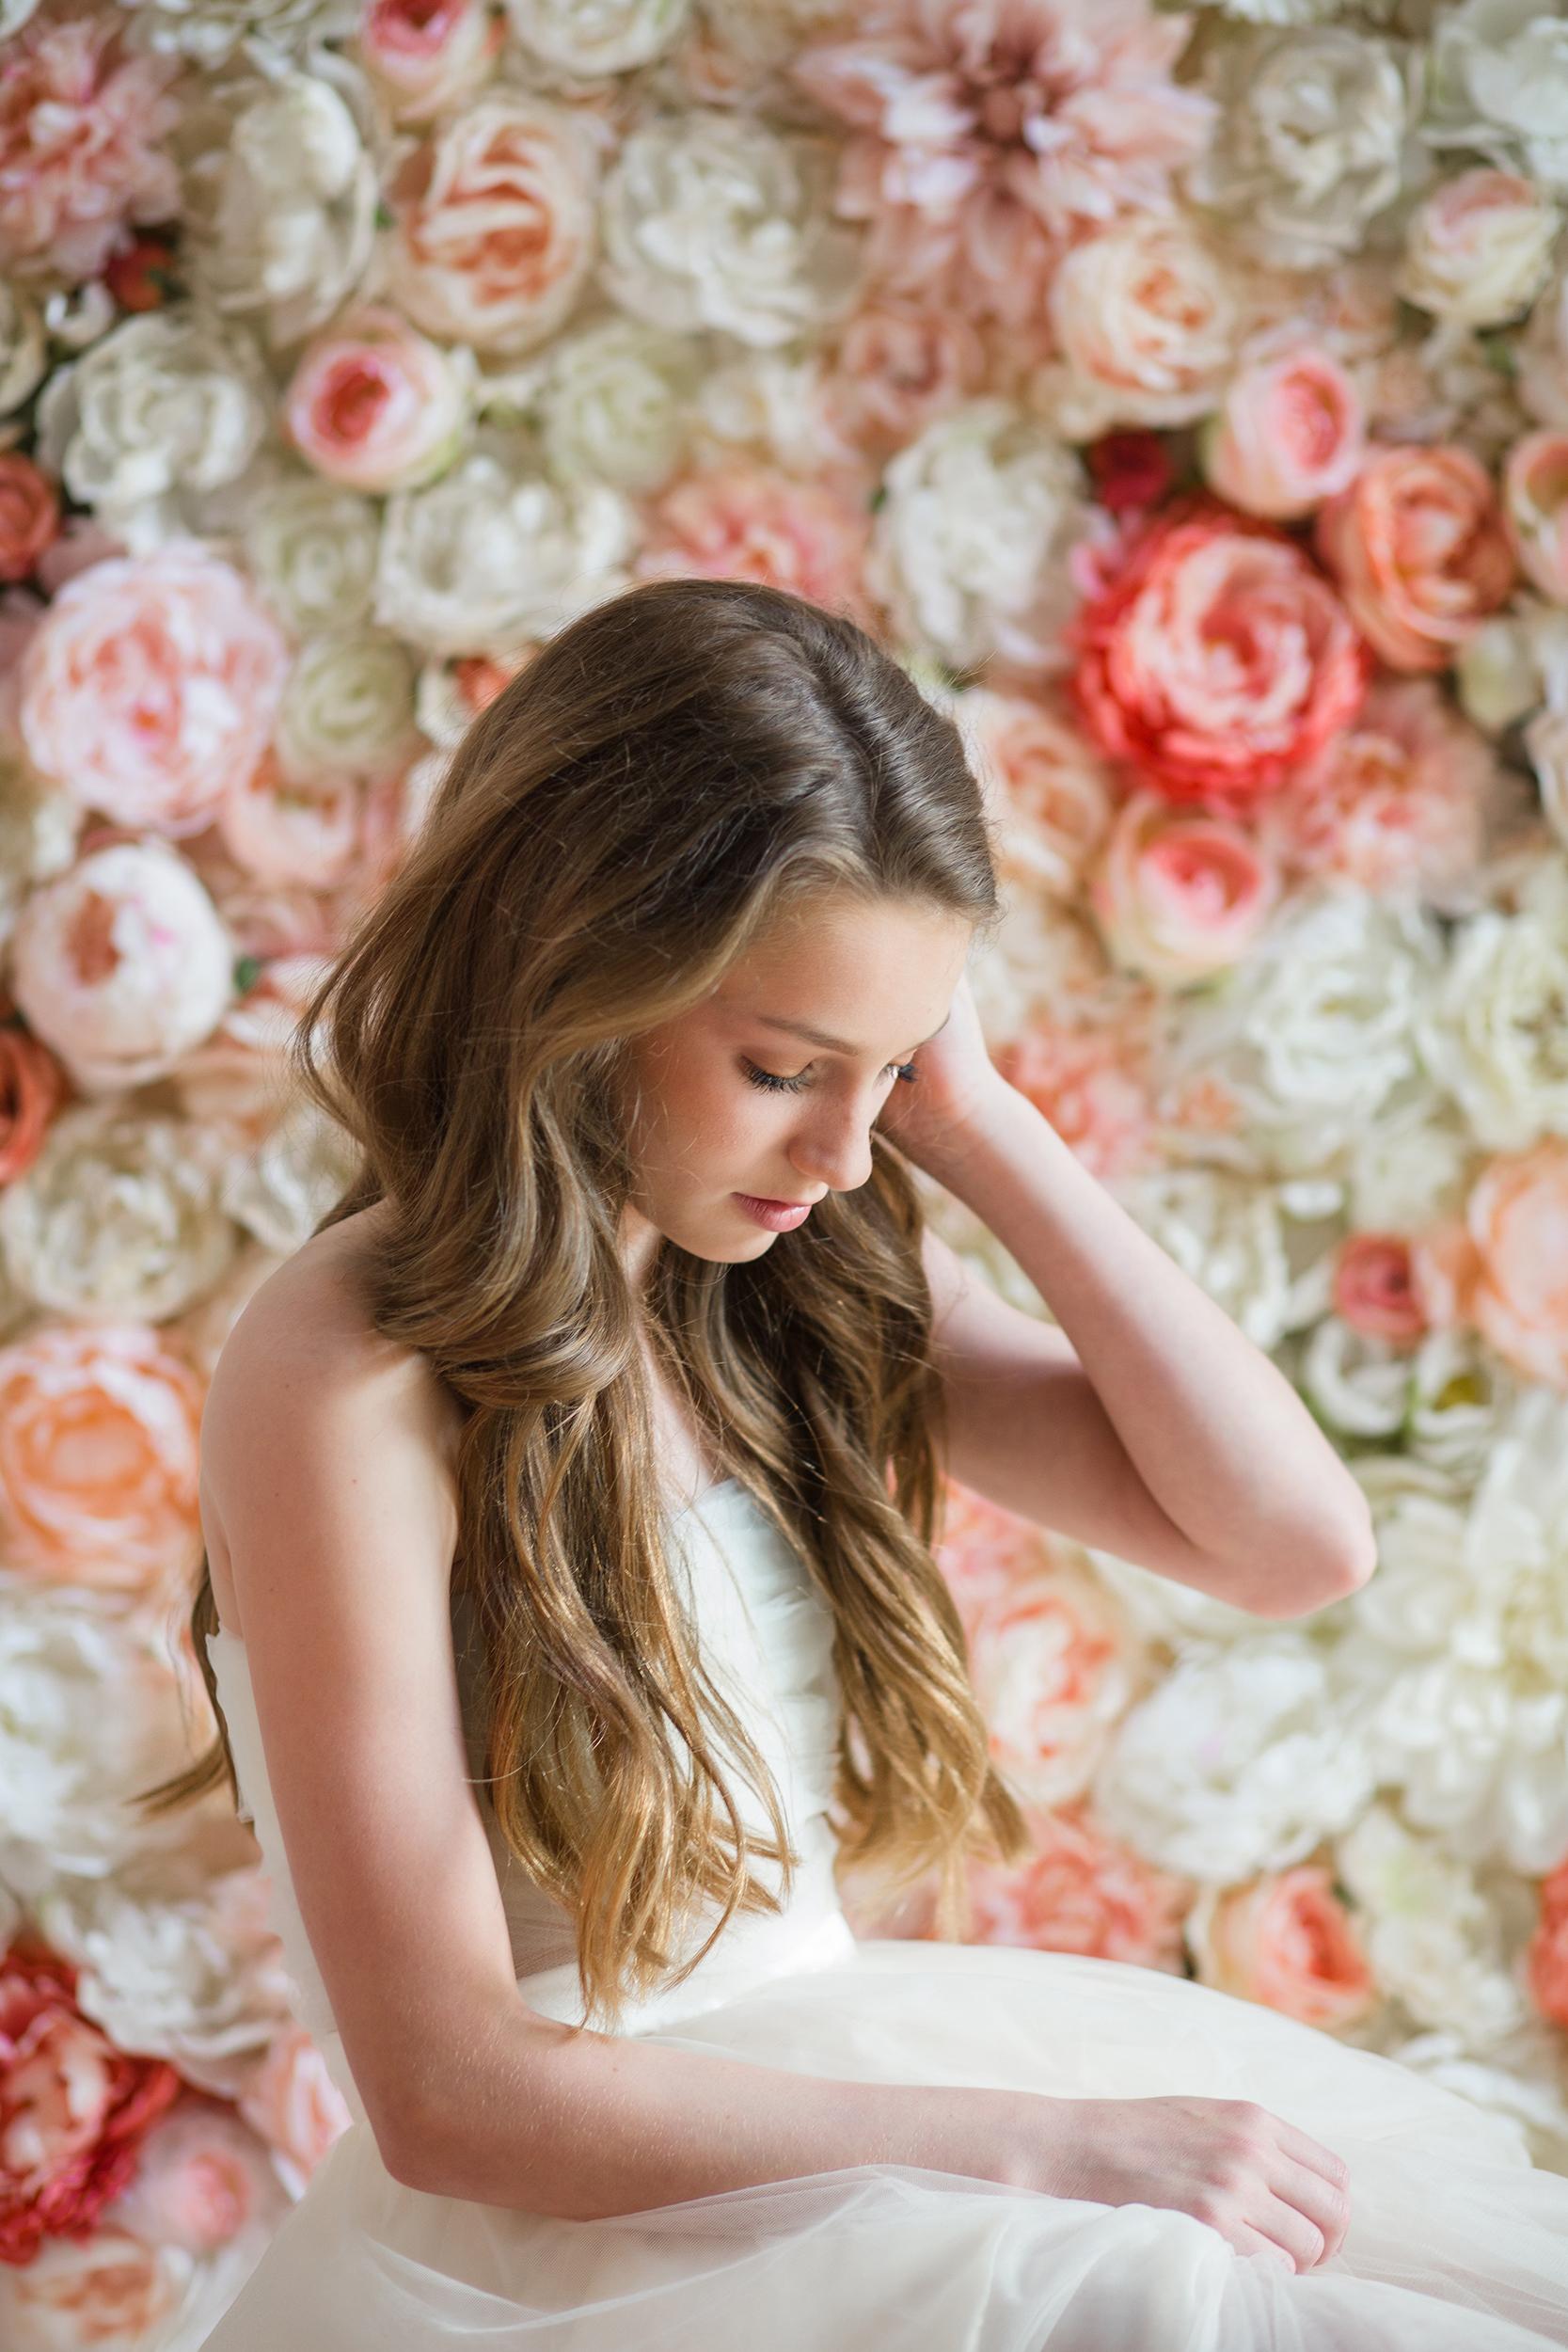 Austin_Teen_Beauty_Photogrpaher_Evie_KBP05.jpg